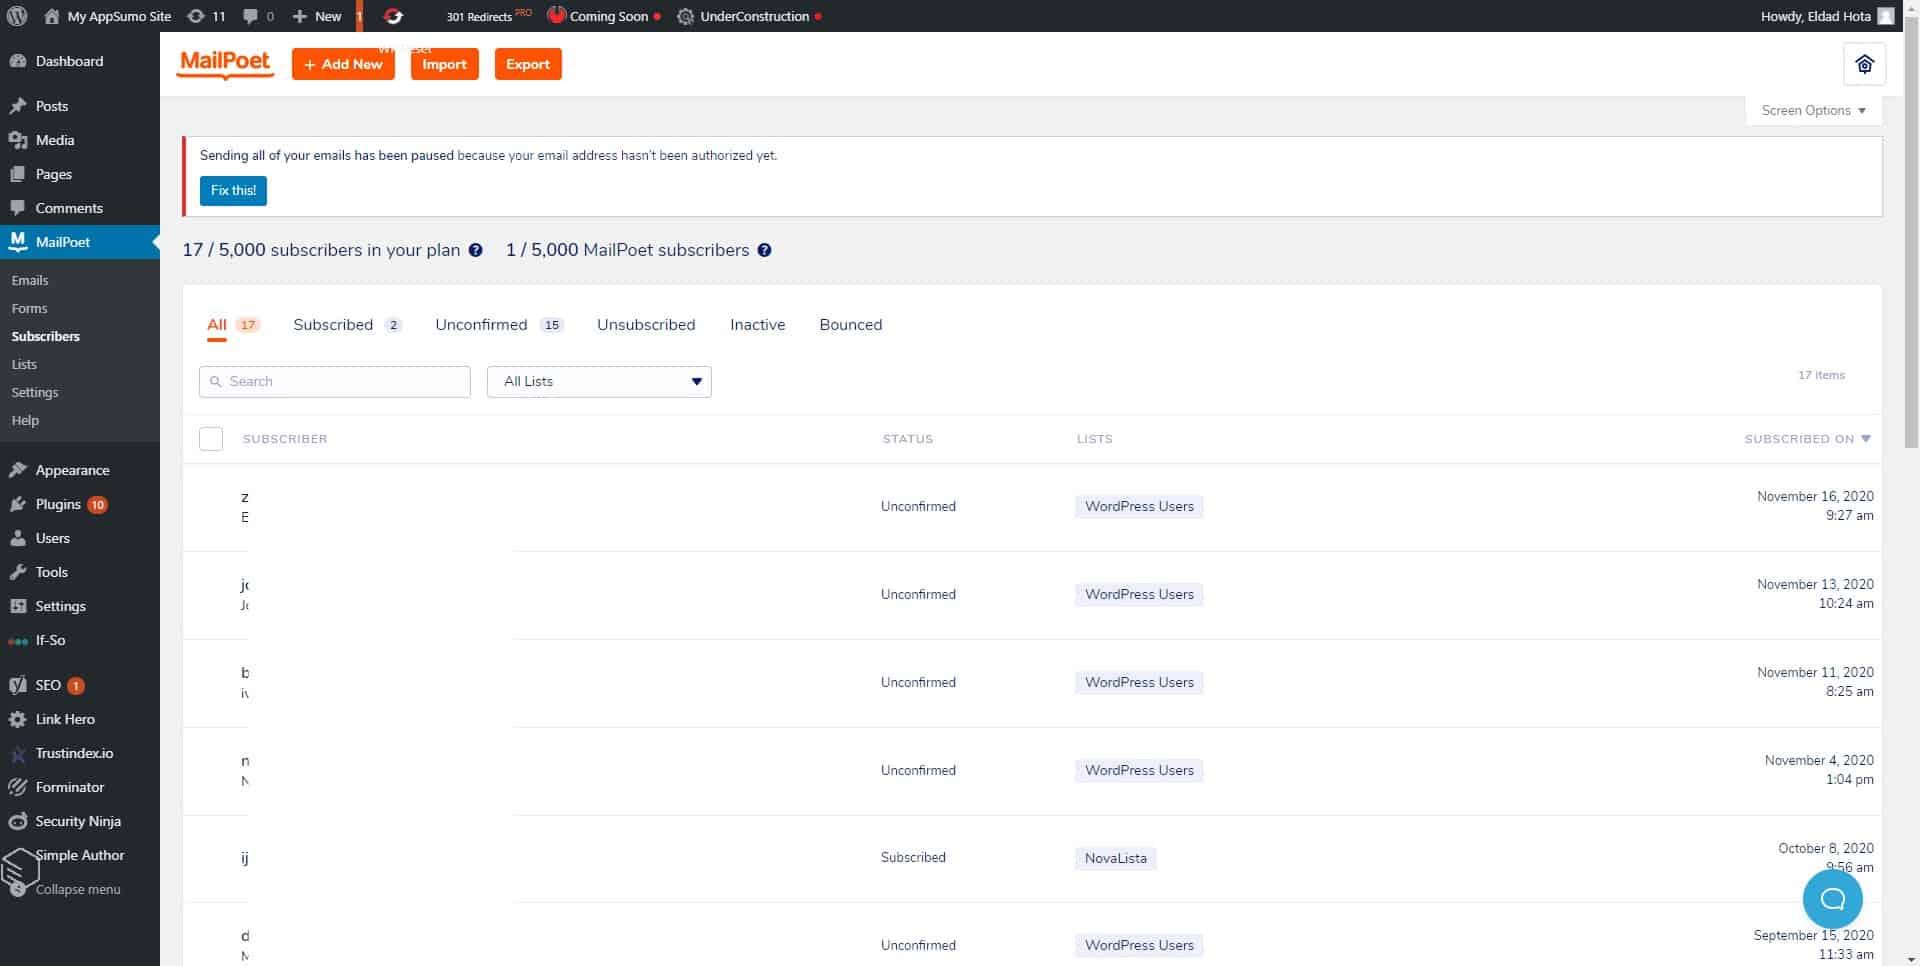 MailPoet subscriber list